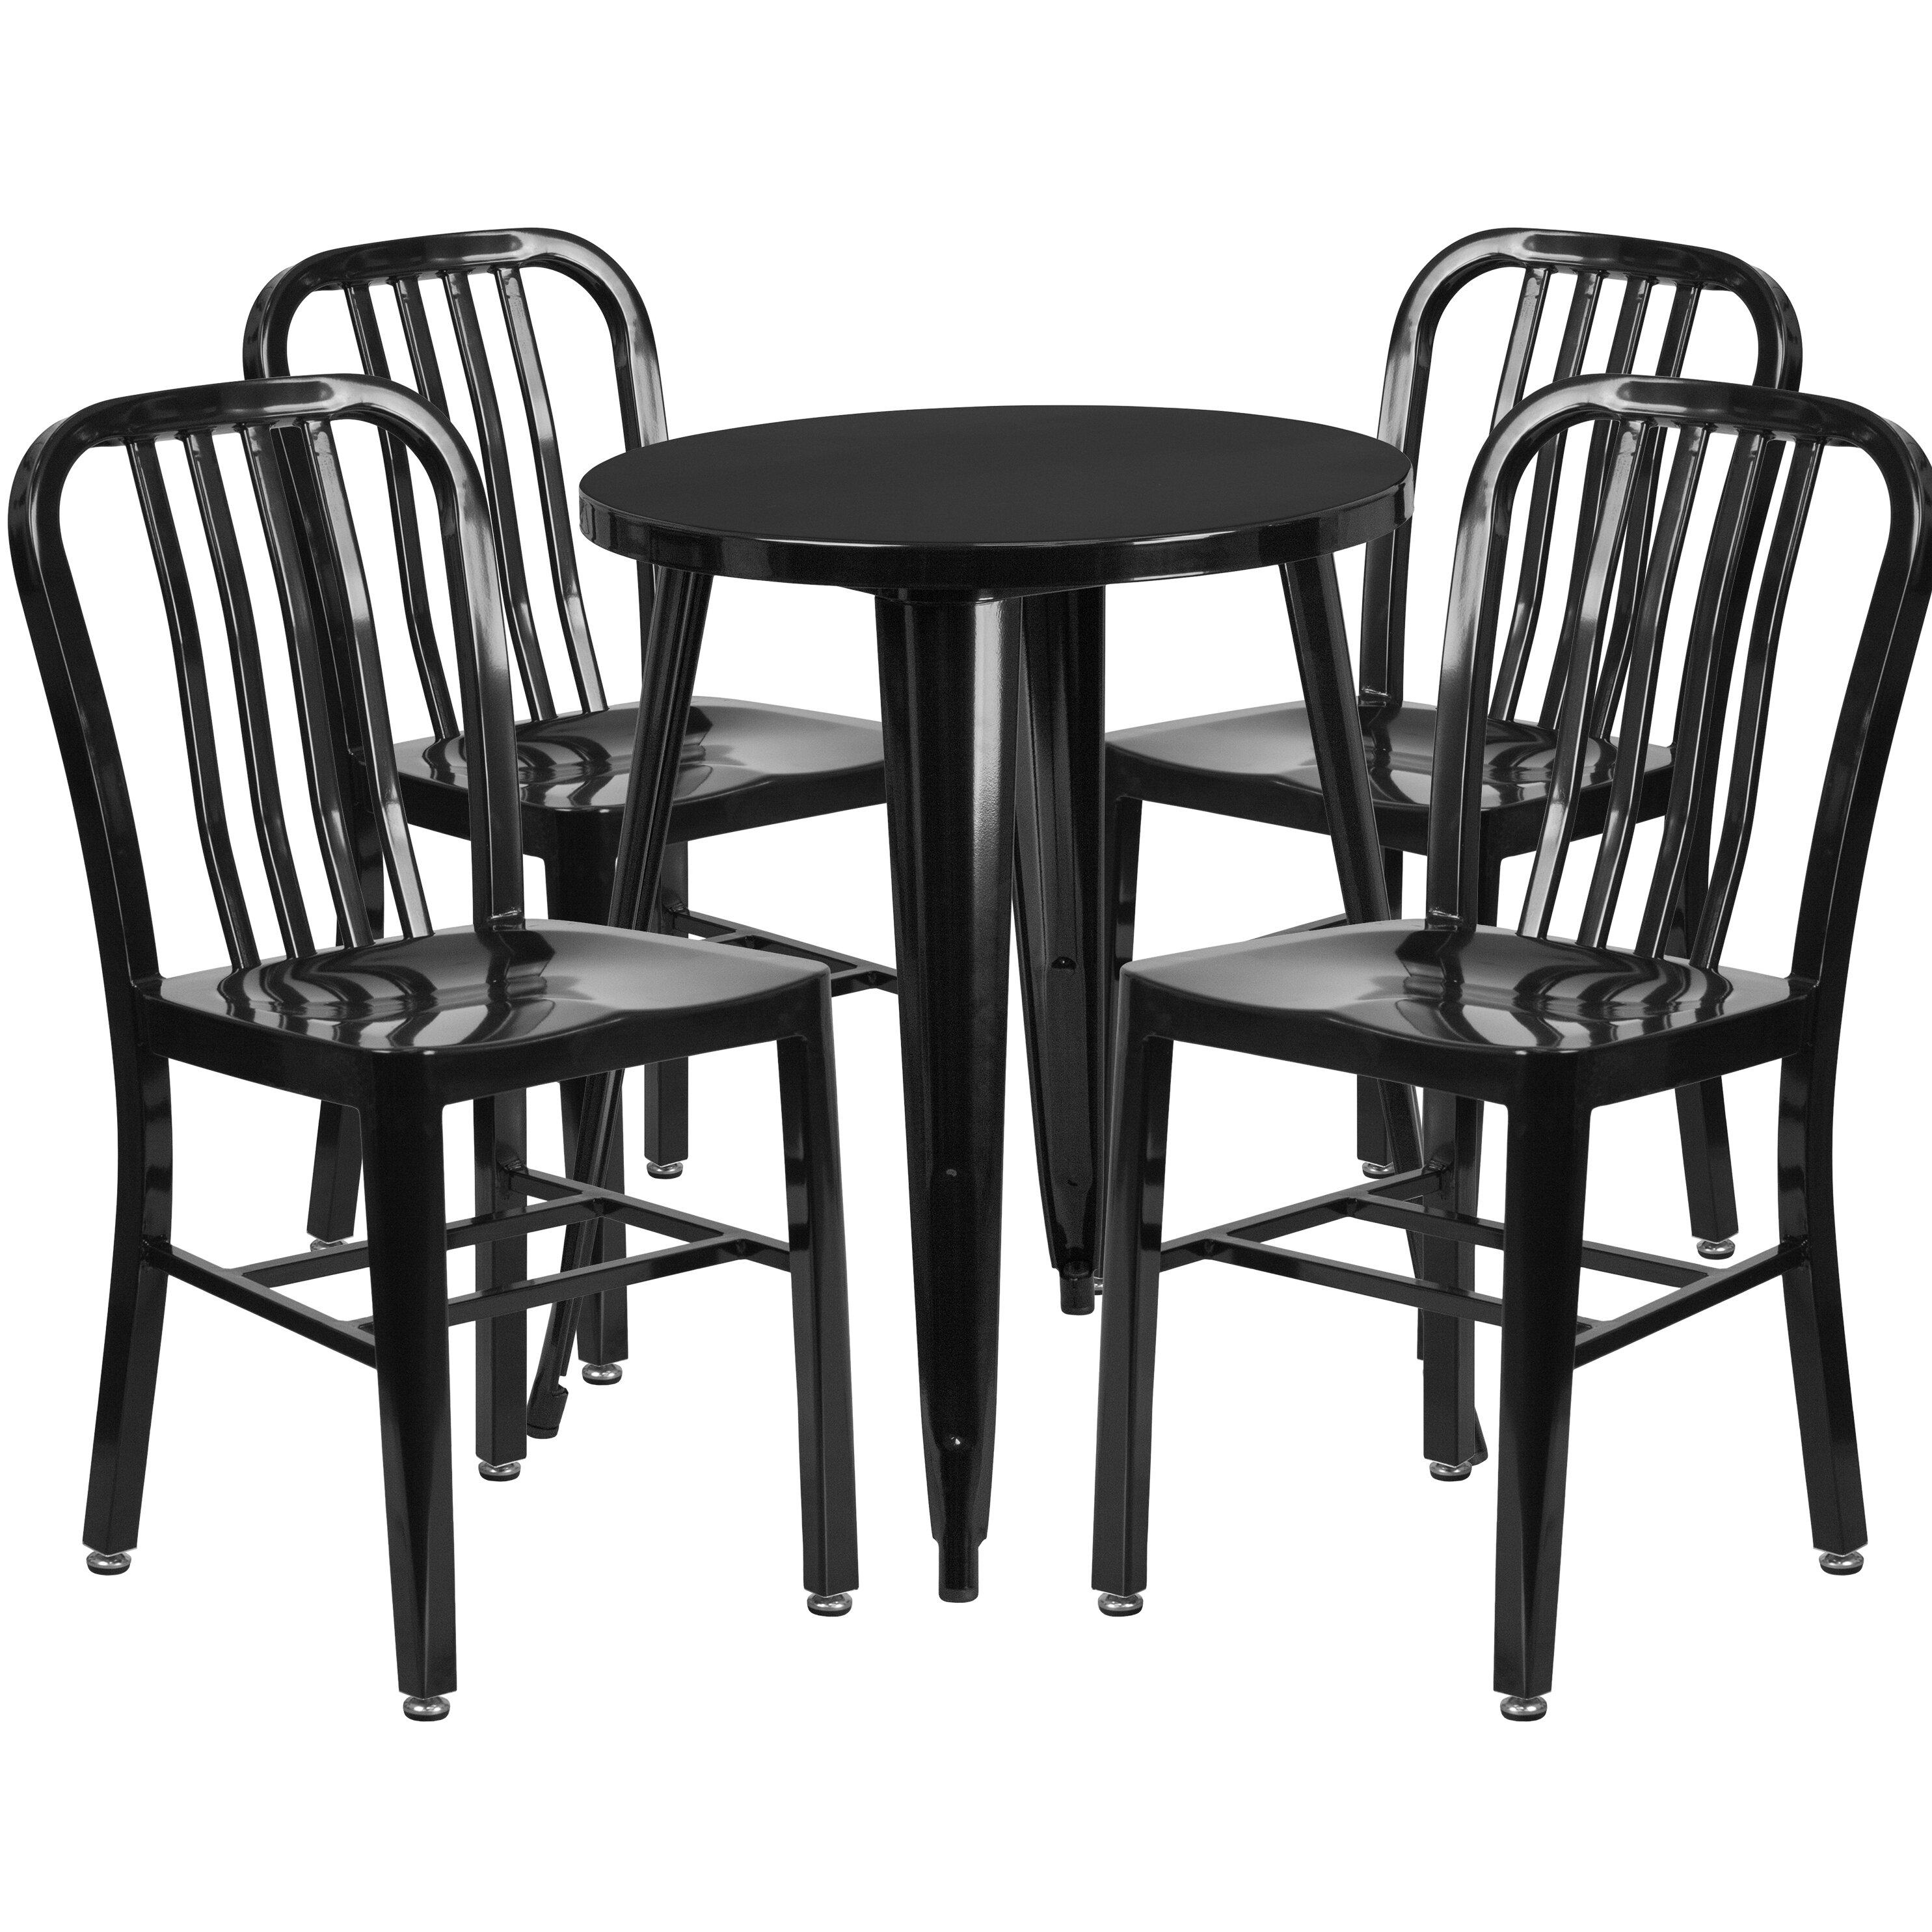 Flash furniture metal indoor outdoor 5 piece dining set for Indoor outdoor furniture